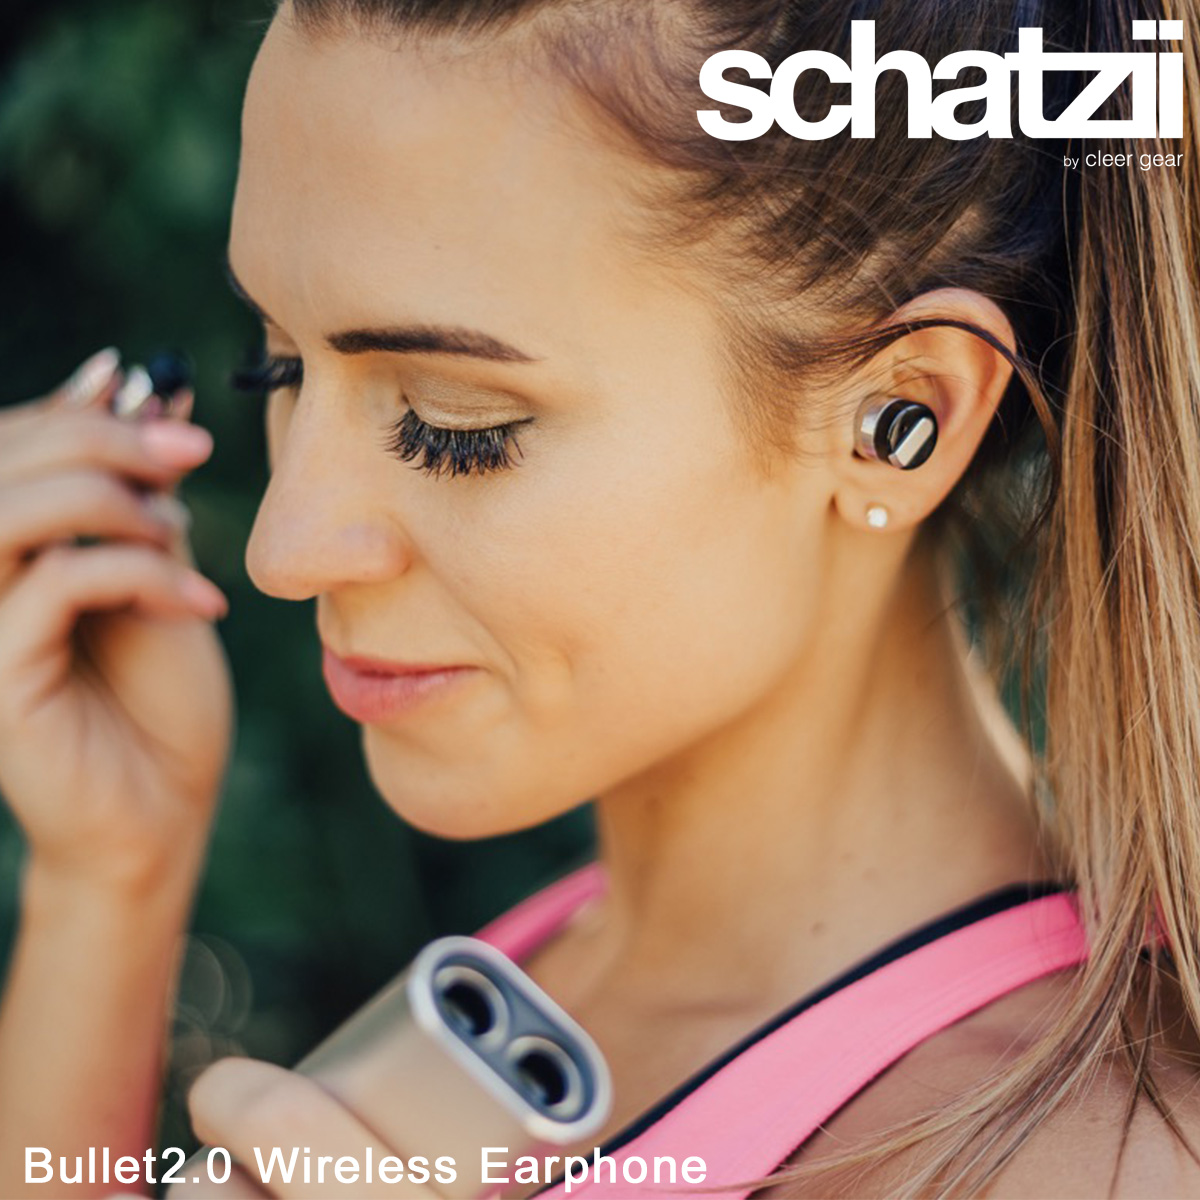 スーパーSALE 送料無料 シャツィ 今ダケ送料無料 schatzii 上等 ワイヤレスイヤホン iPhone Bluetooth シルバー BULLET2.0 マイク 両耳 SB-002